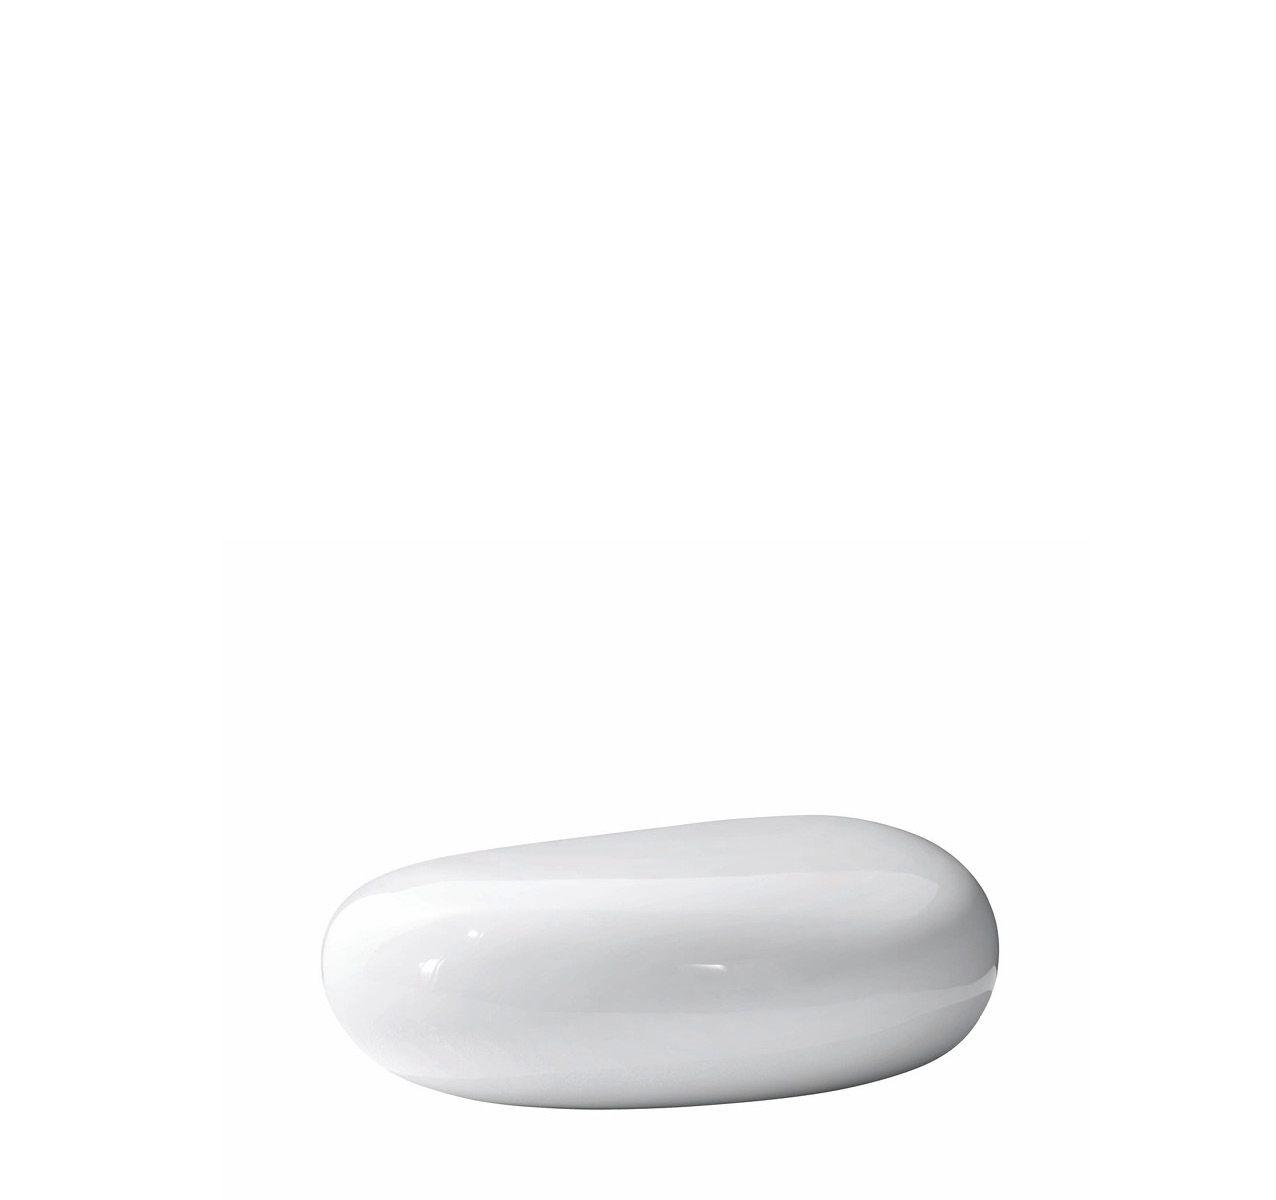 Koishi Ottoman White